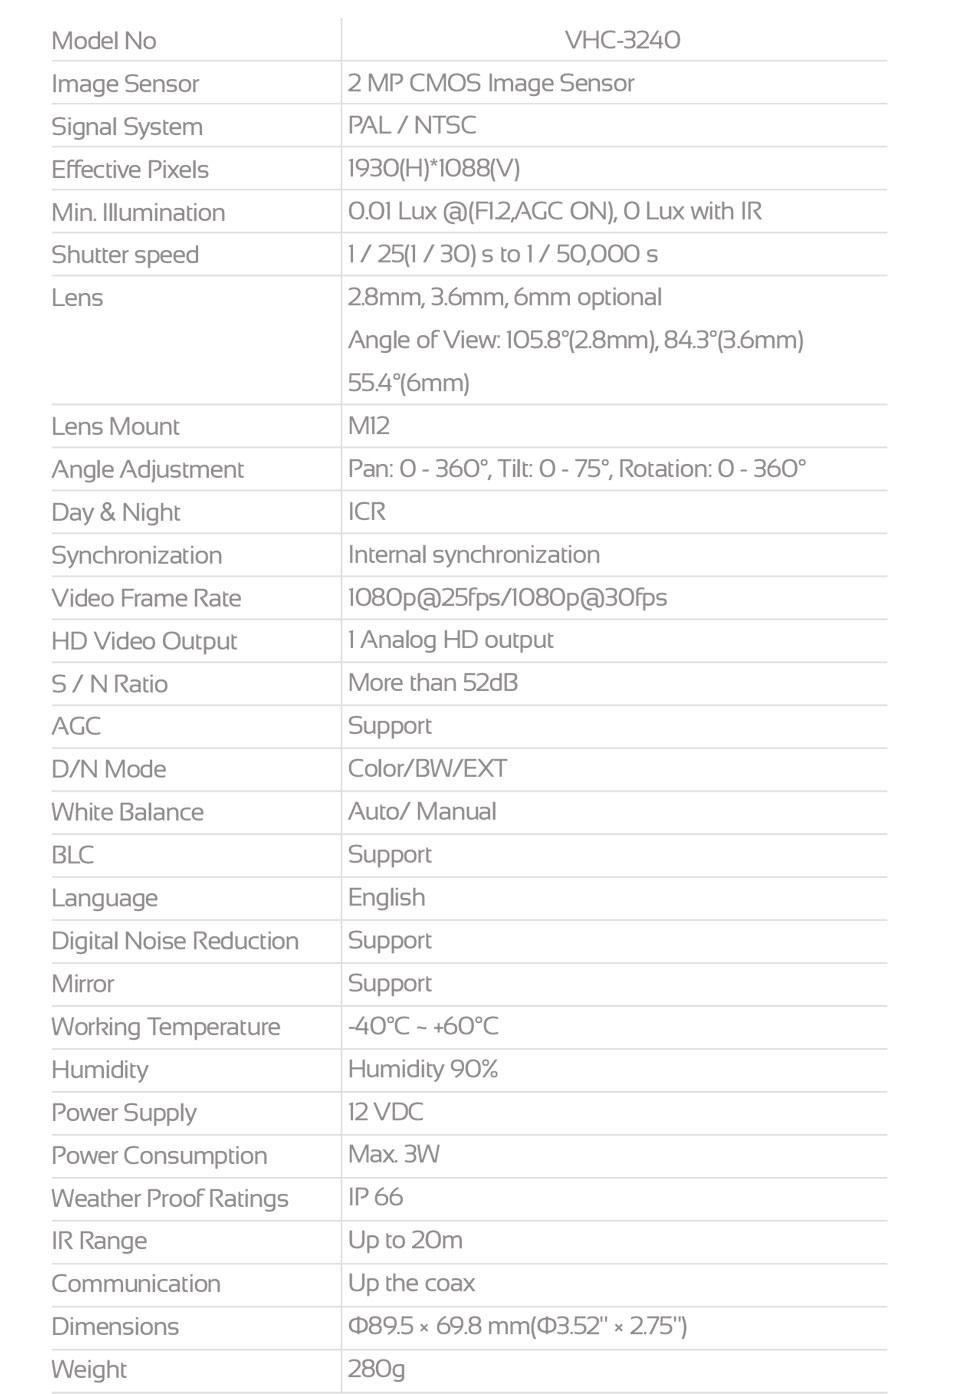 VERTINA-VHC-3240-data VHC-3240